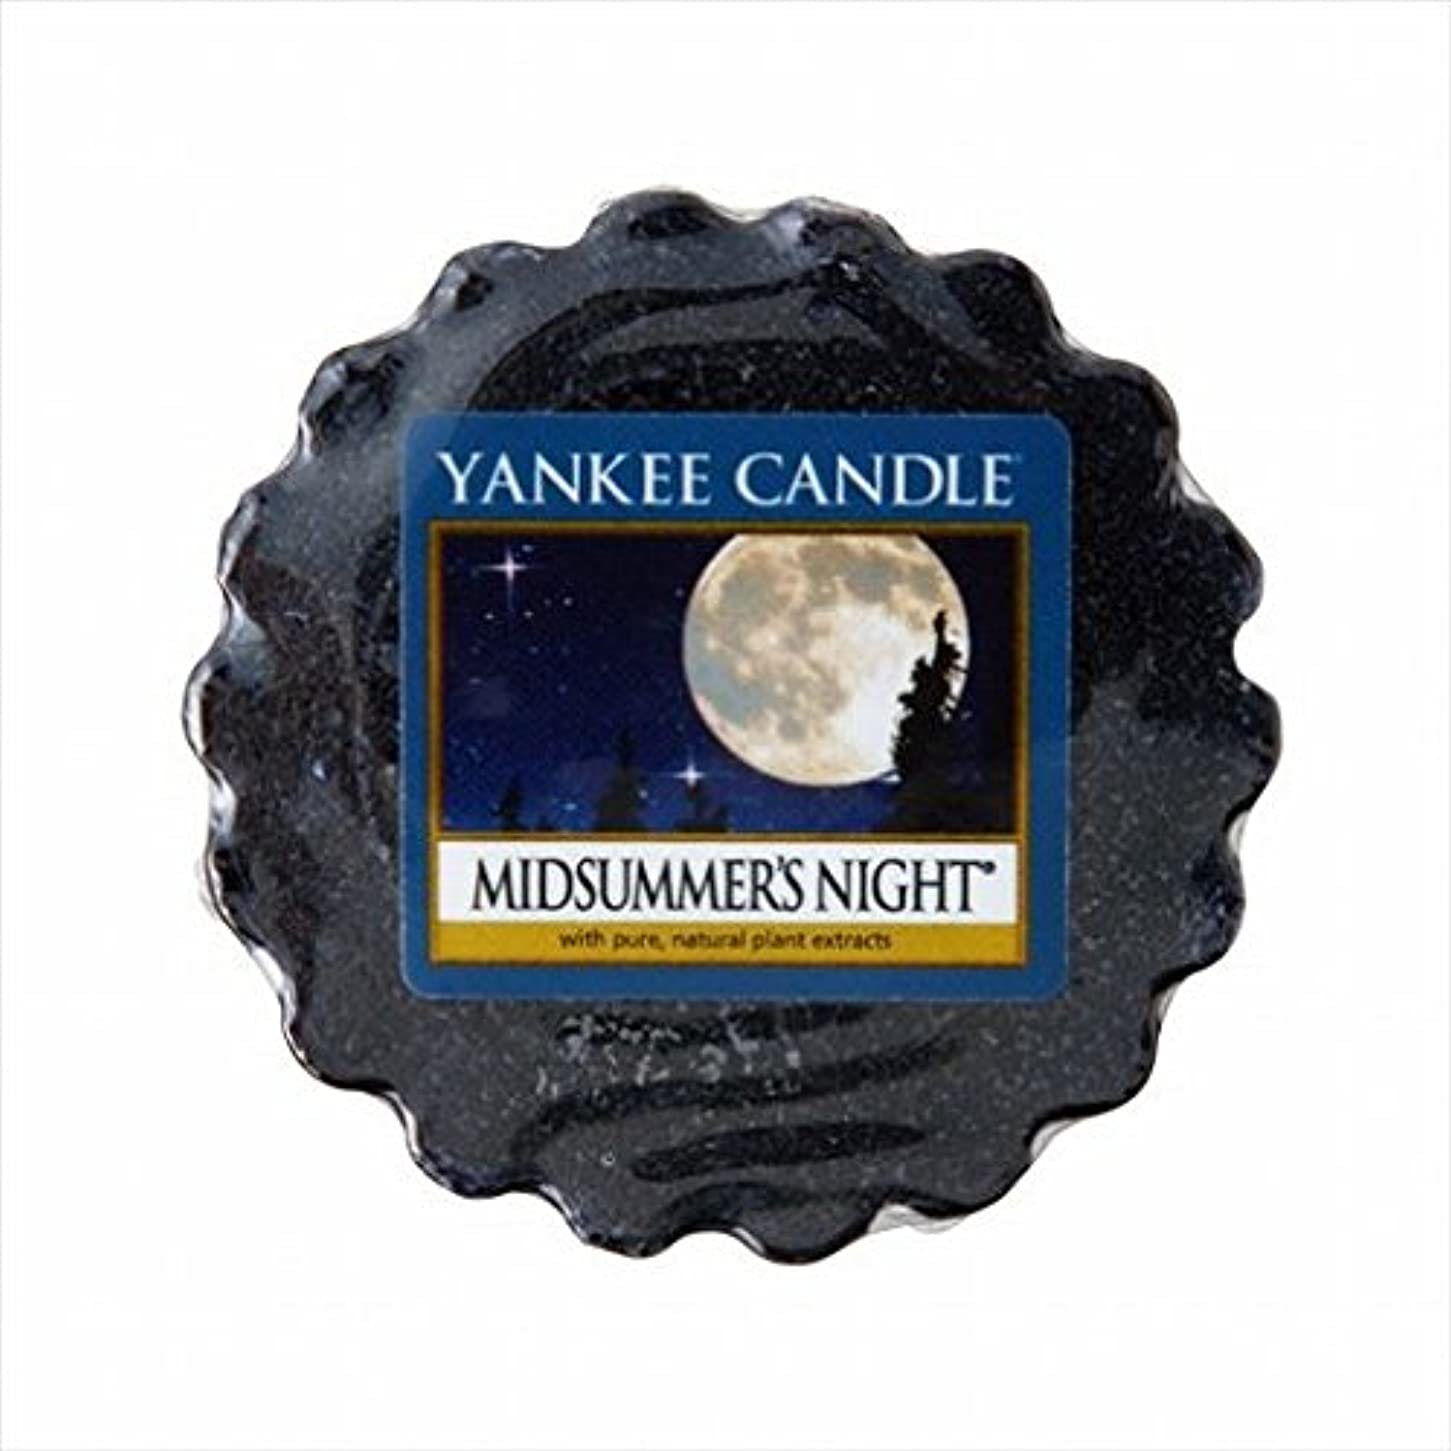 微弱乳法律カメヤマキャンドル(kameyama candle) YANKEE CANDLE タルト ワックスポプリ 「 ミッドサマーズナイト 」